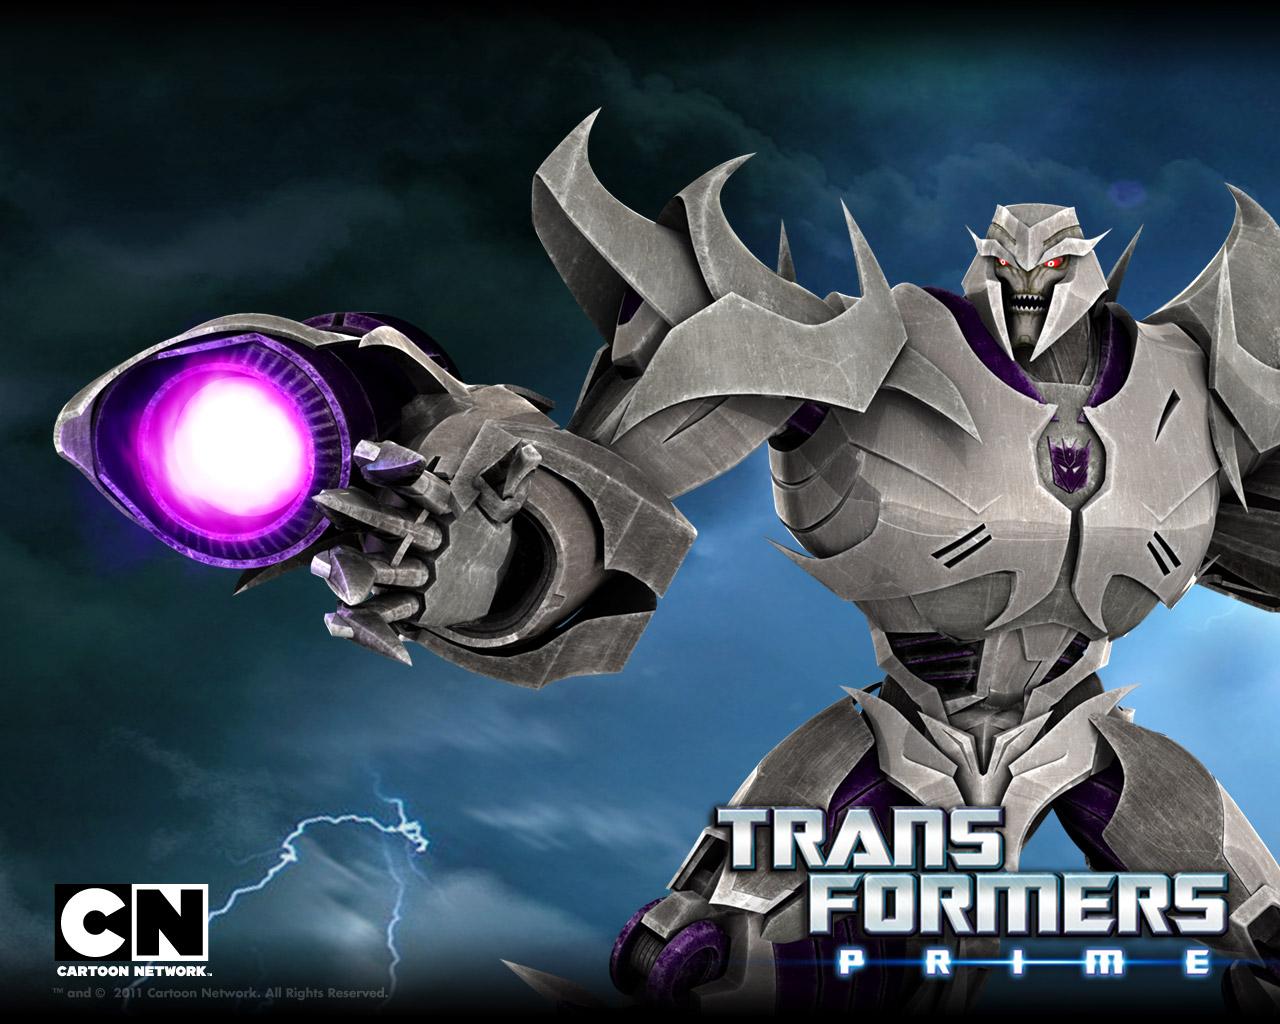 Transformers prime megatron wallpaper wallpapersafari - Transformers prime wallpaper ...